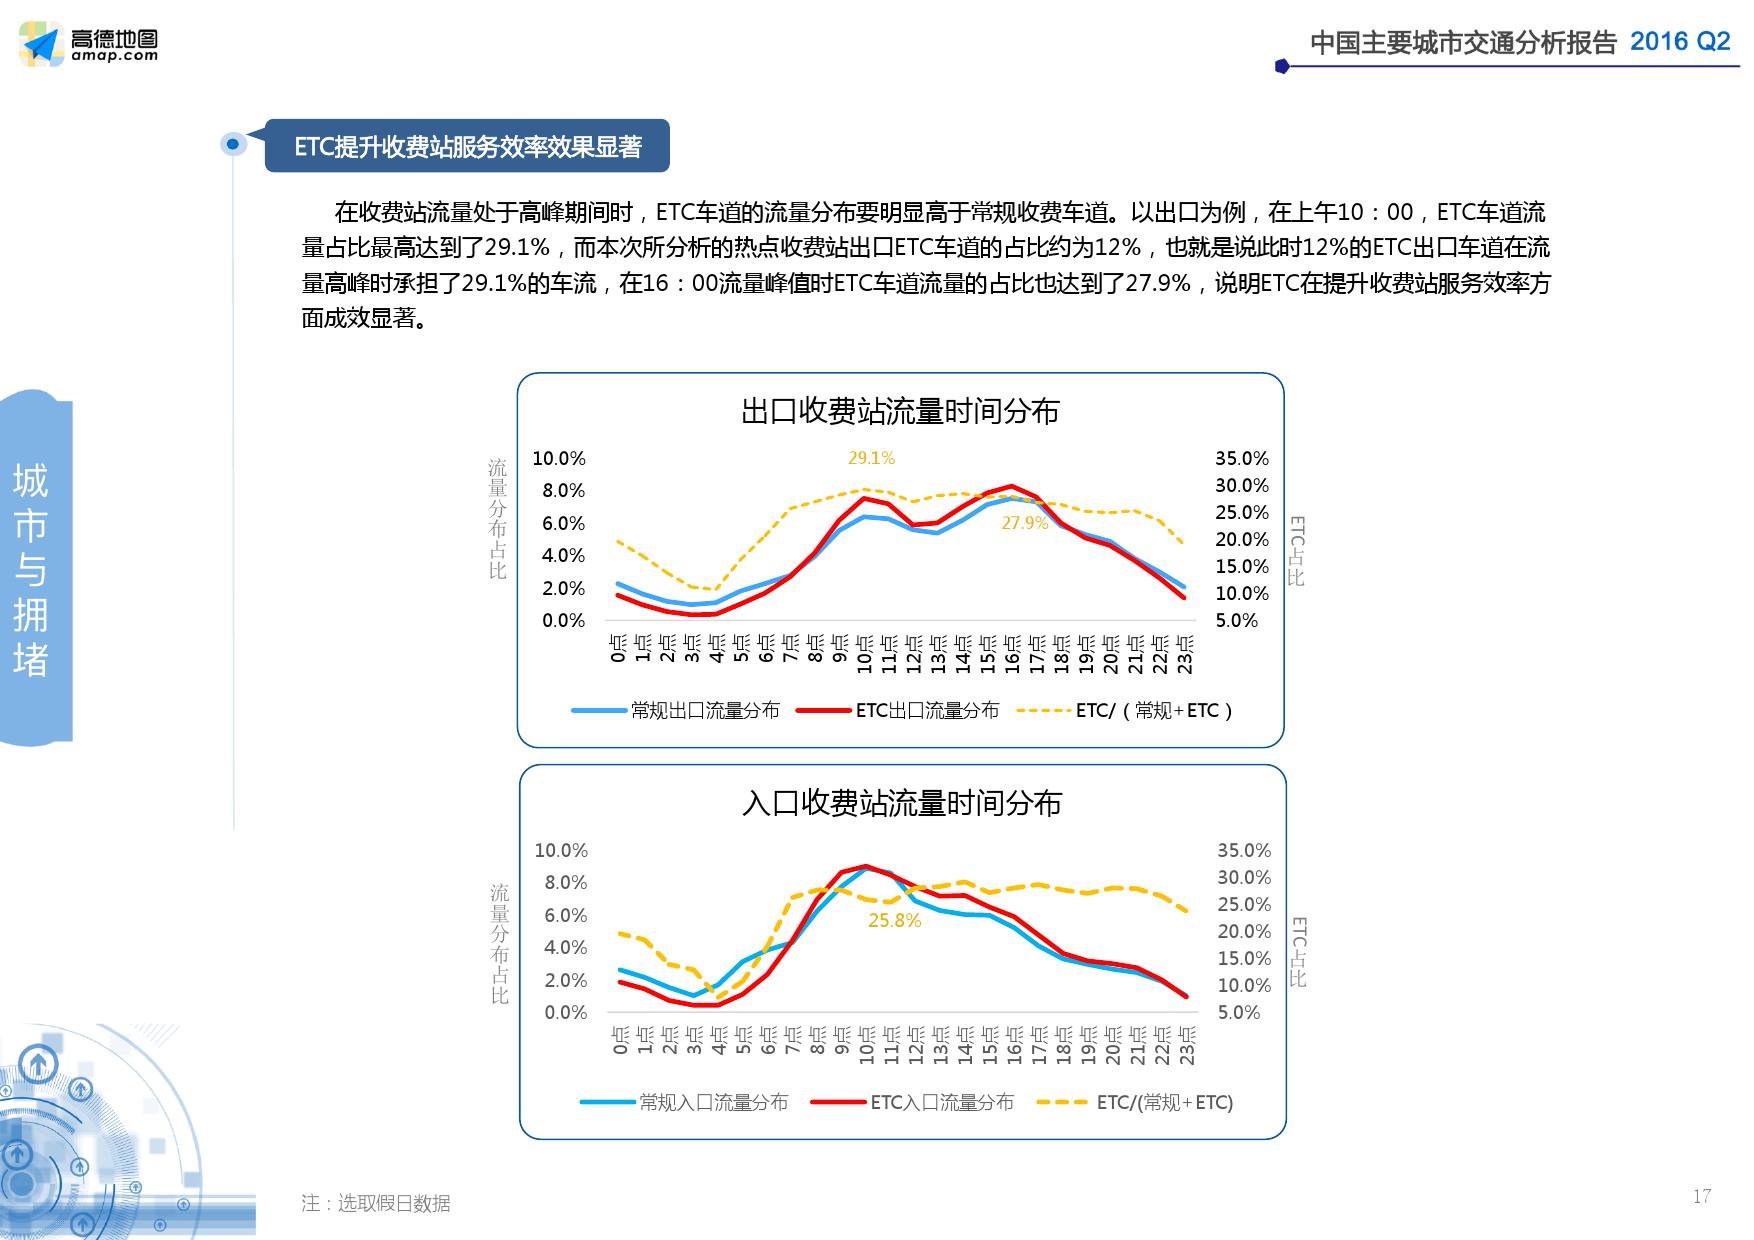 2016年Q2中国主要城市交通分析报告_000017